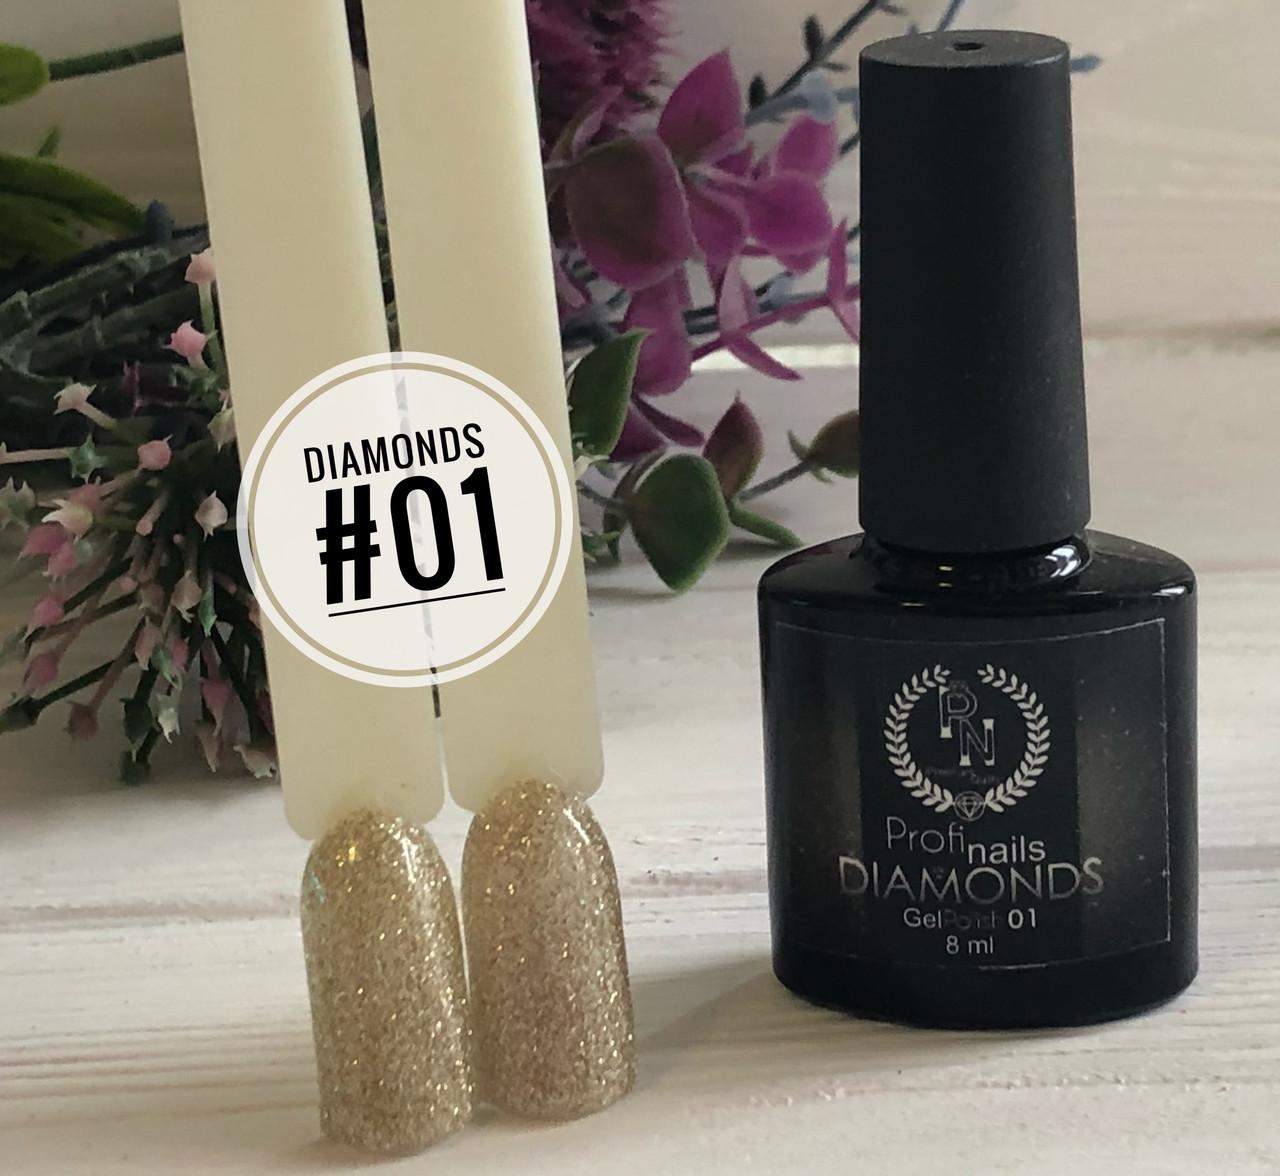 Гель лак каучуковый 8 мл Profi nails Diamonds 01